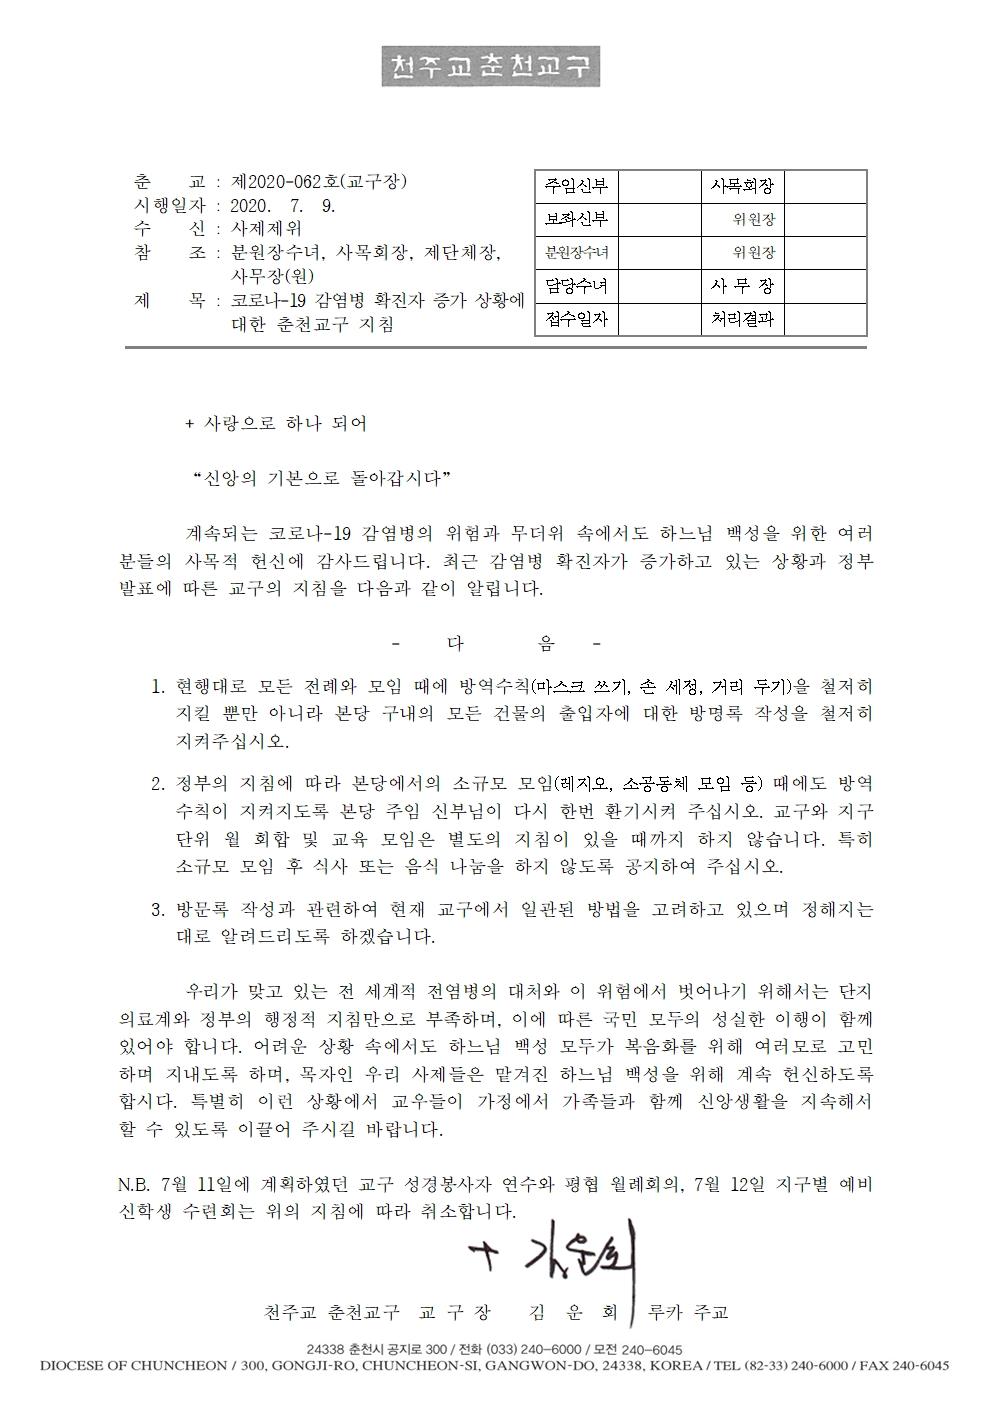 춘교 20-062호 코로나-19 감염병 확진자 증가 상황에 대한 춘천교구 지침001.jpg